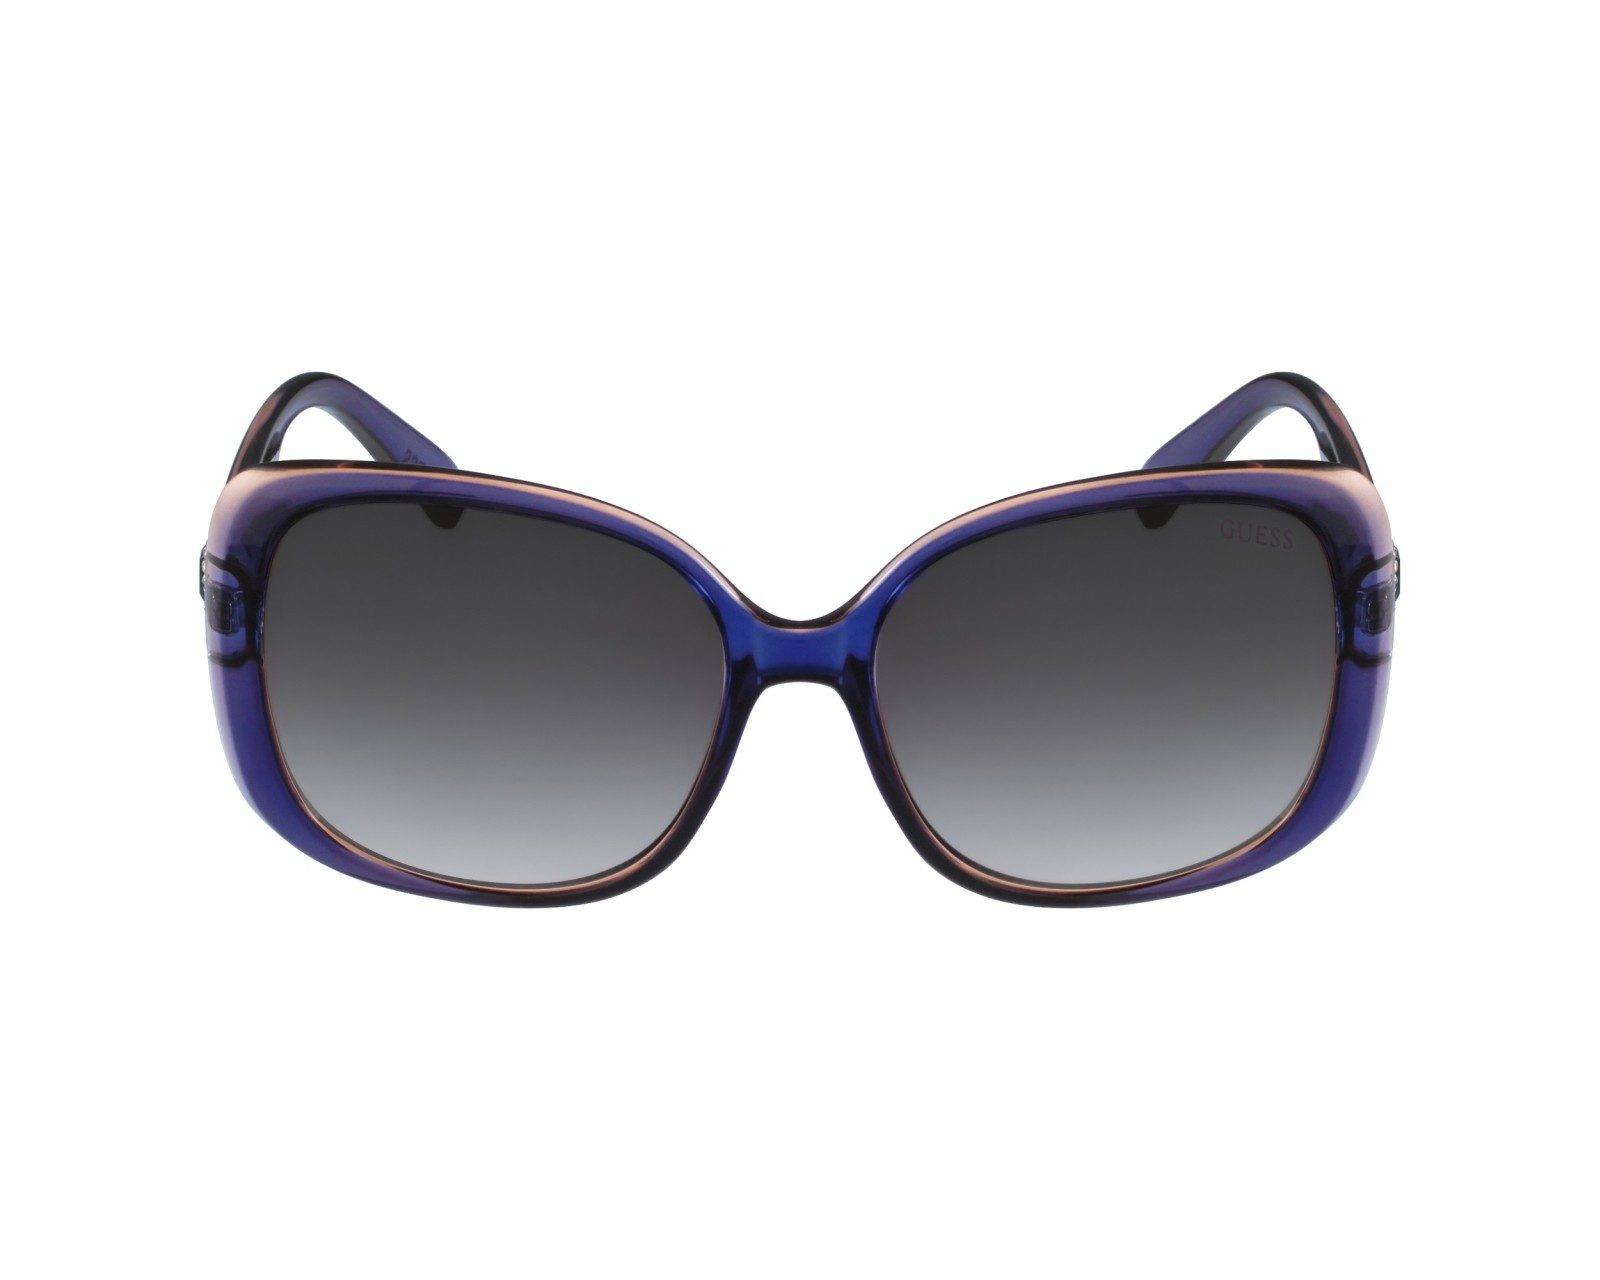 achetez des lunettes de soleil guess gu 7314 bleu pas cher. Black Bedroom Furniture Sets. Home Design Ideas